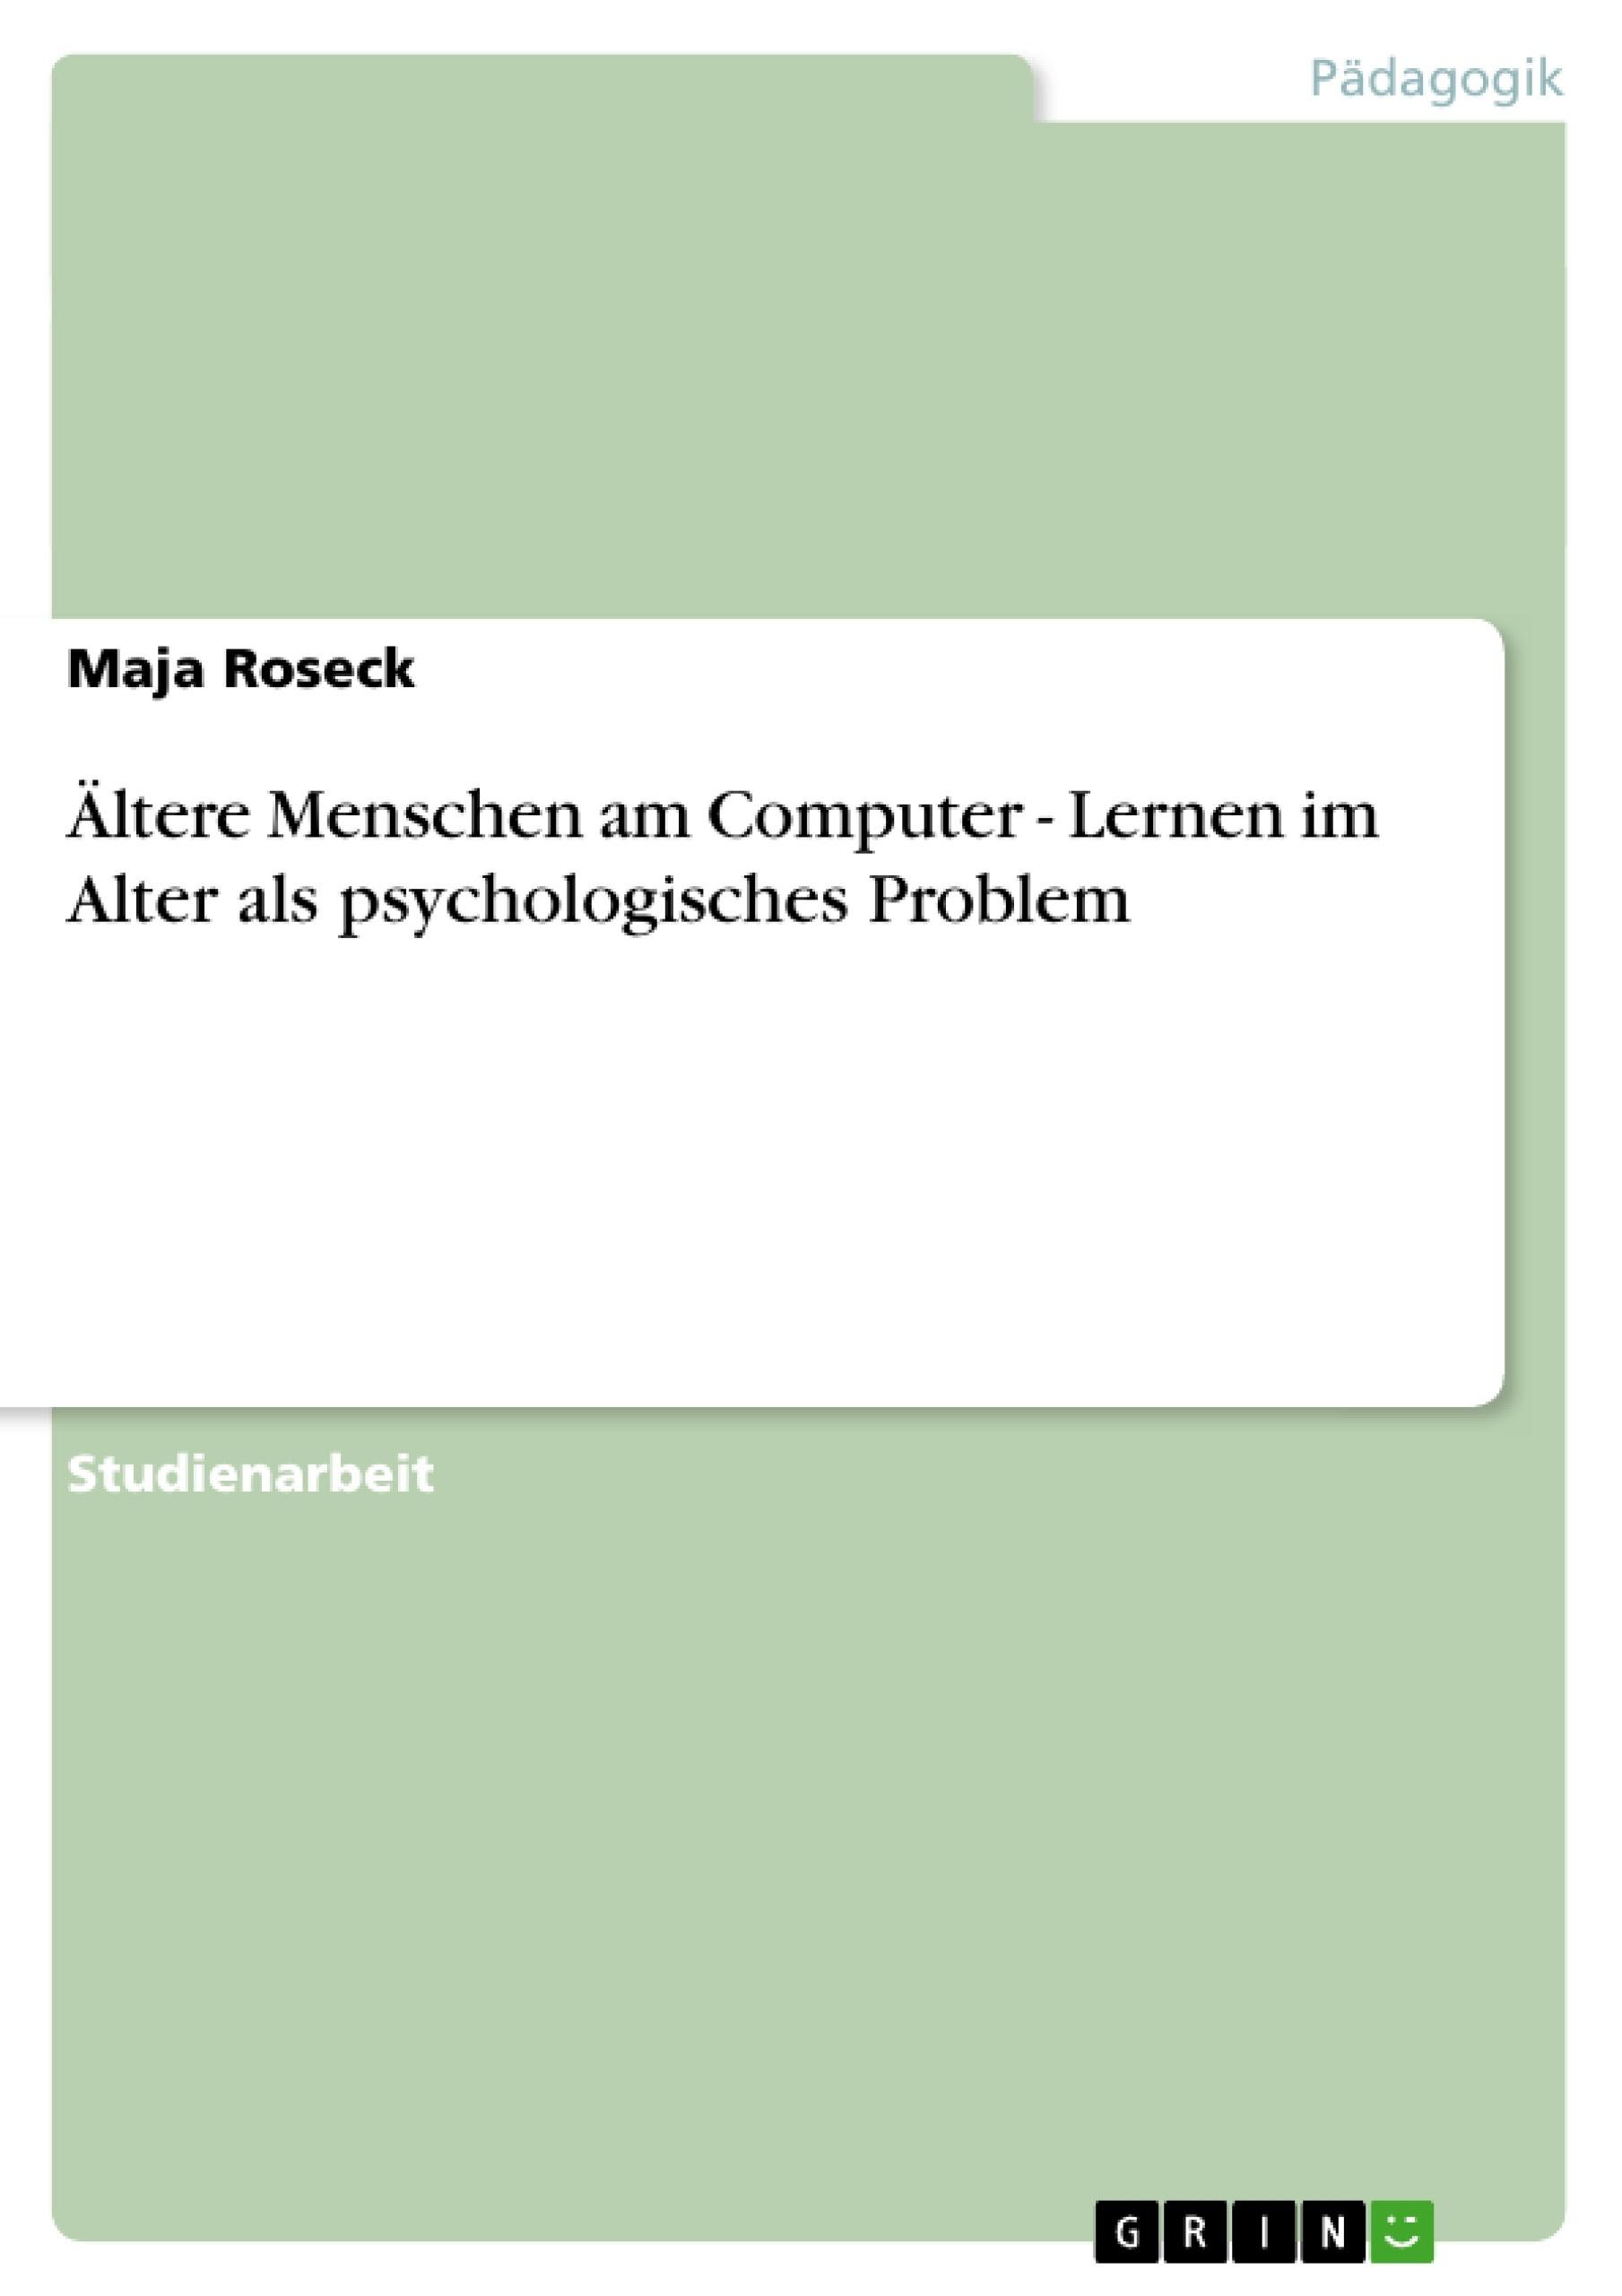 Titel: Ältere Menschen am Computer - Lernen im Alter als psychologisches Problem